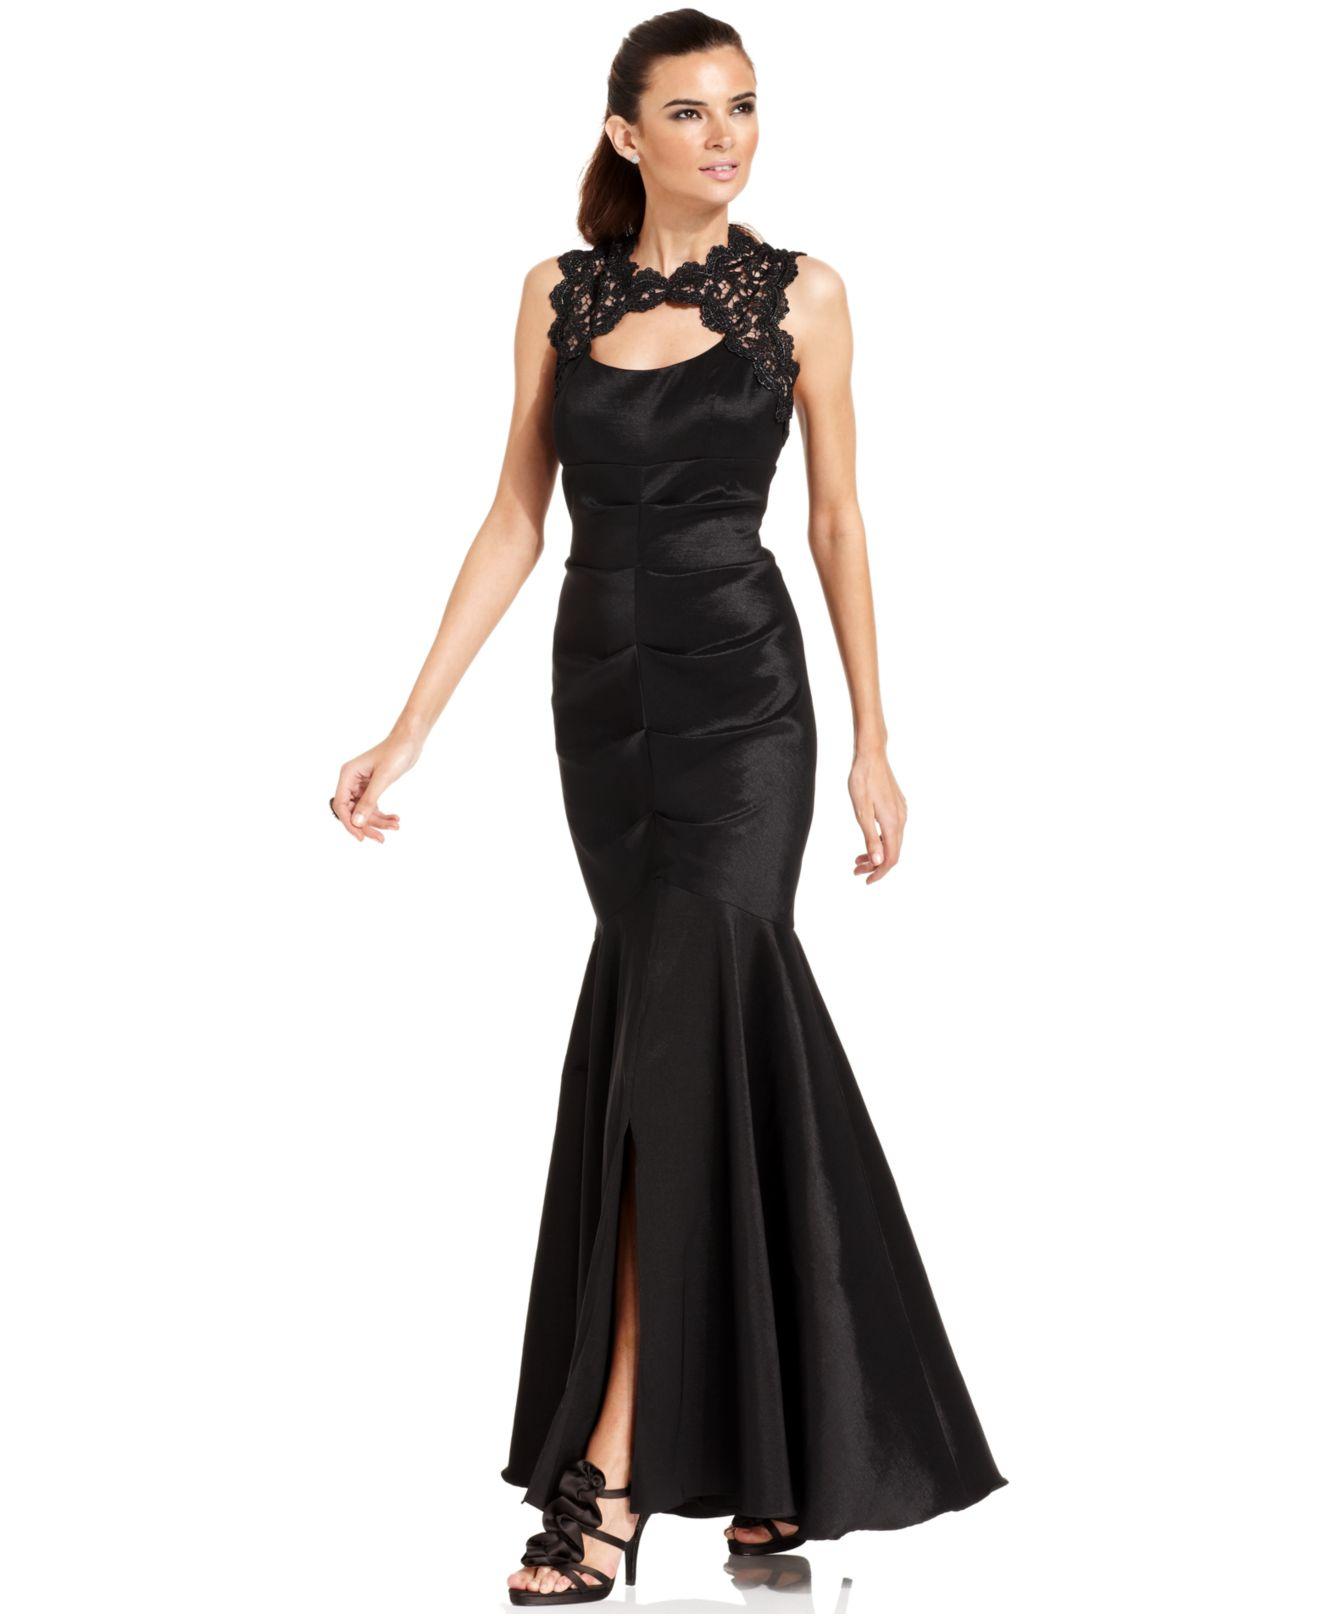 Xscape Mermaid Dresses